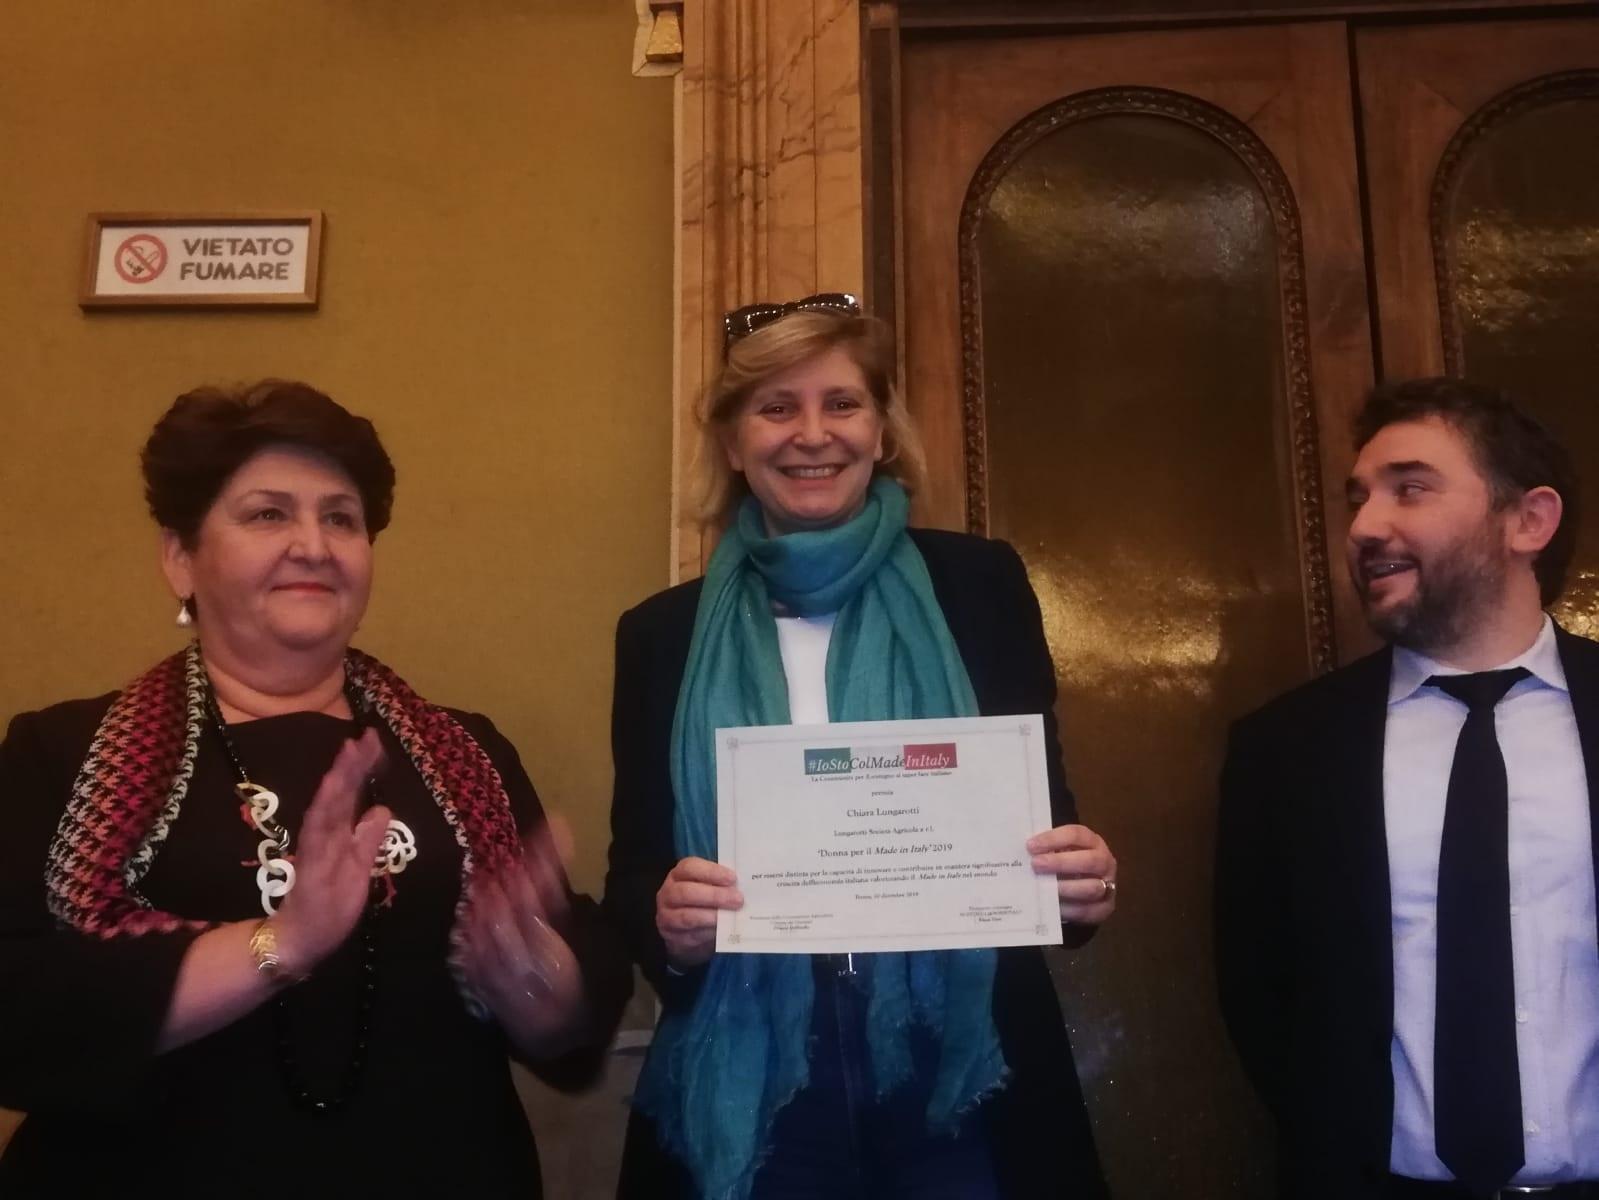 VINO: A CHIARA LUNGAROTTI IL PREMIO DONNE PER IL MADE IN ITALY